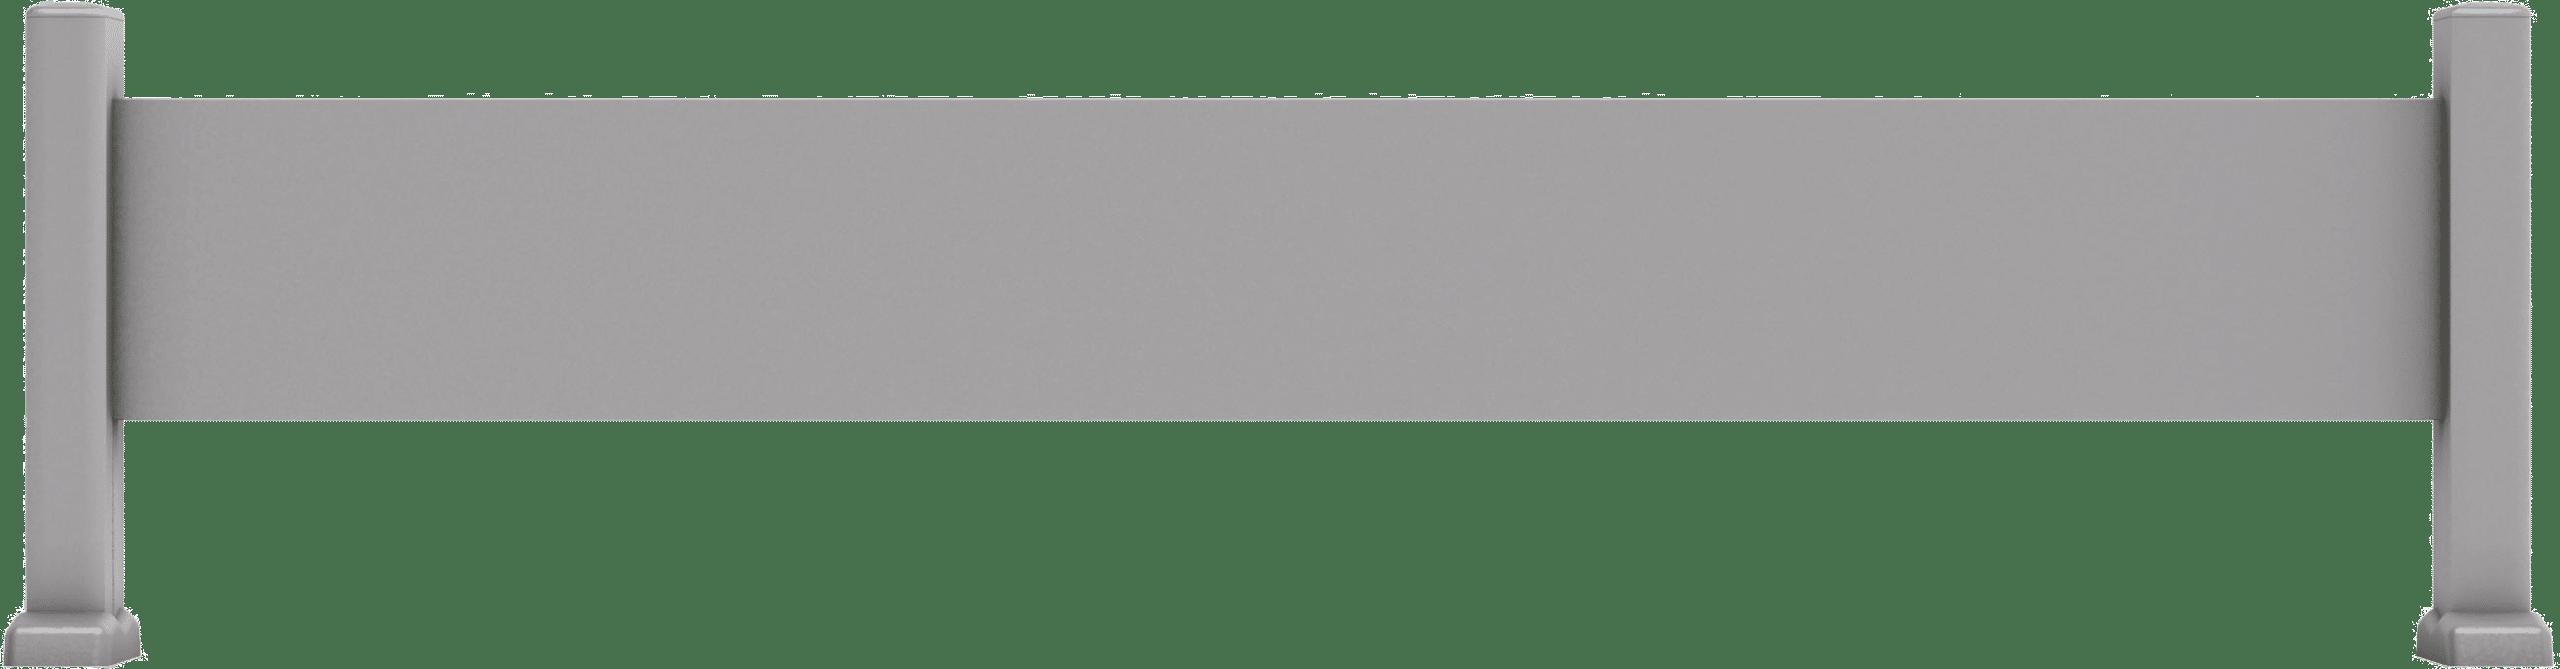 cl ture aluminium 1 lisse 200 20 les mod les contemporains charuel. Black Bedroom Furniture Sets. Home Design Ideas